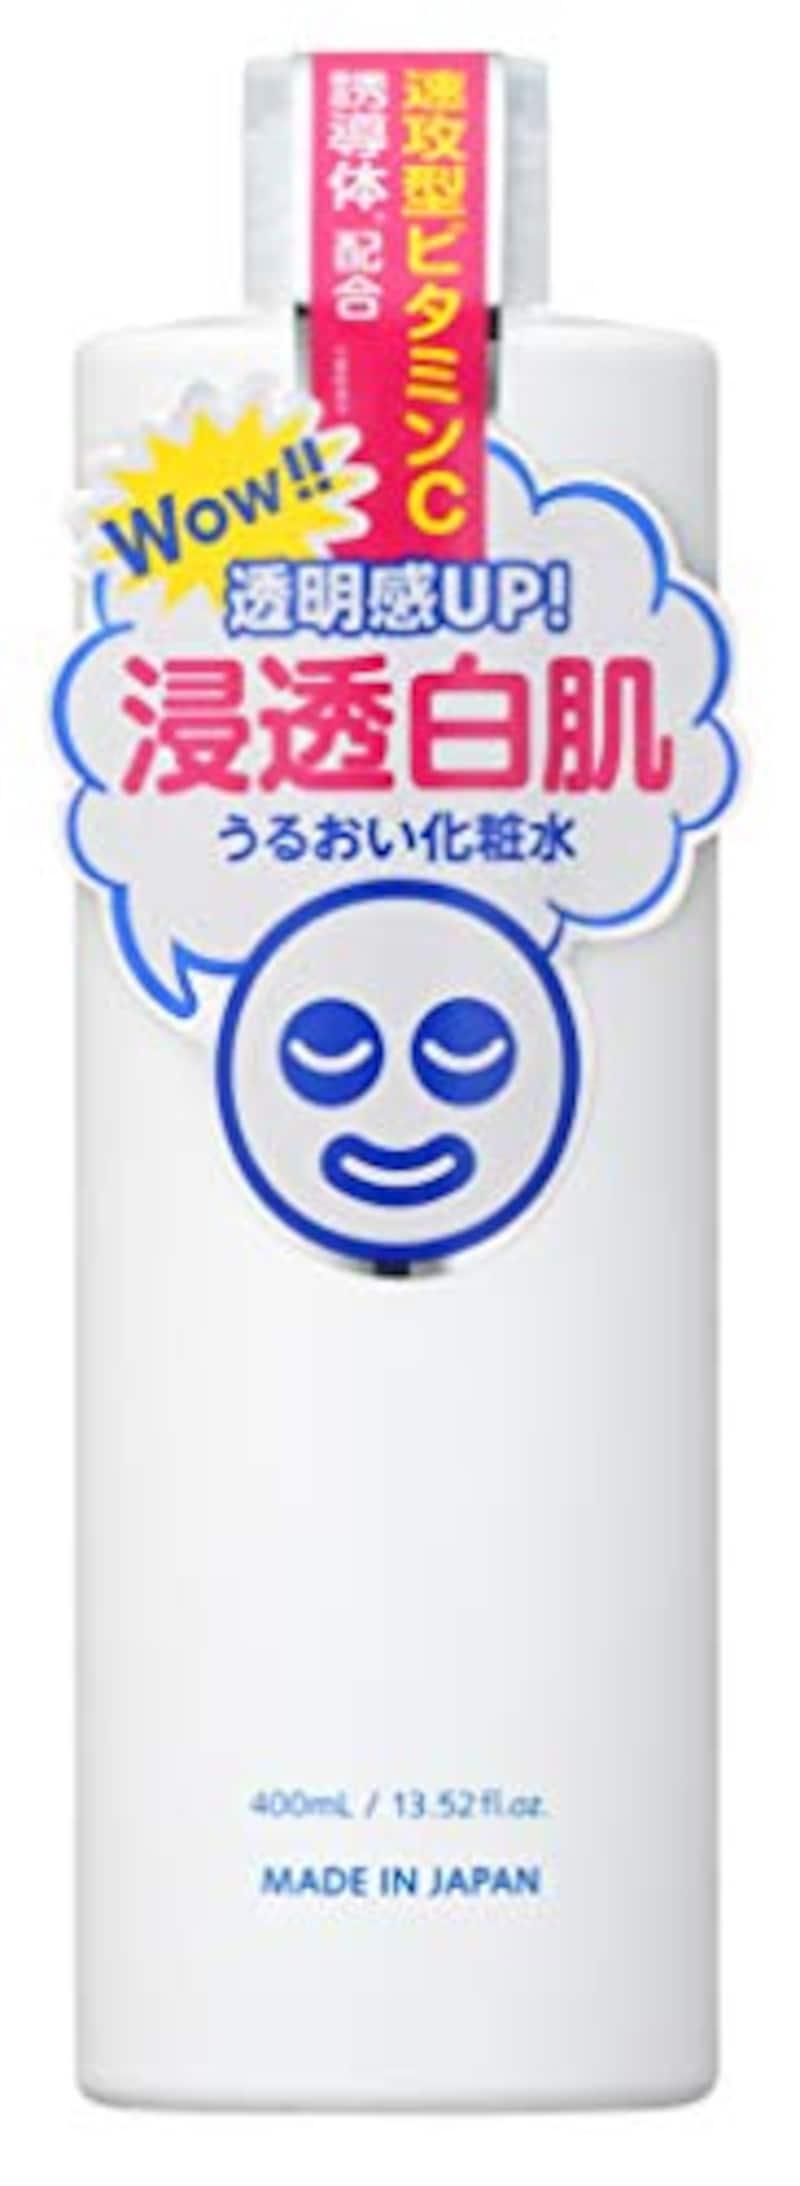 透明白肌,ホワイトローション,BU20X05648